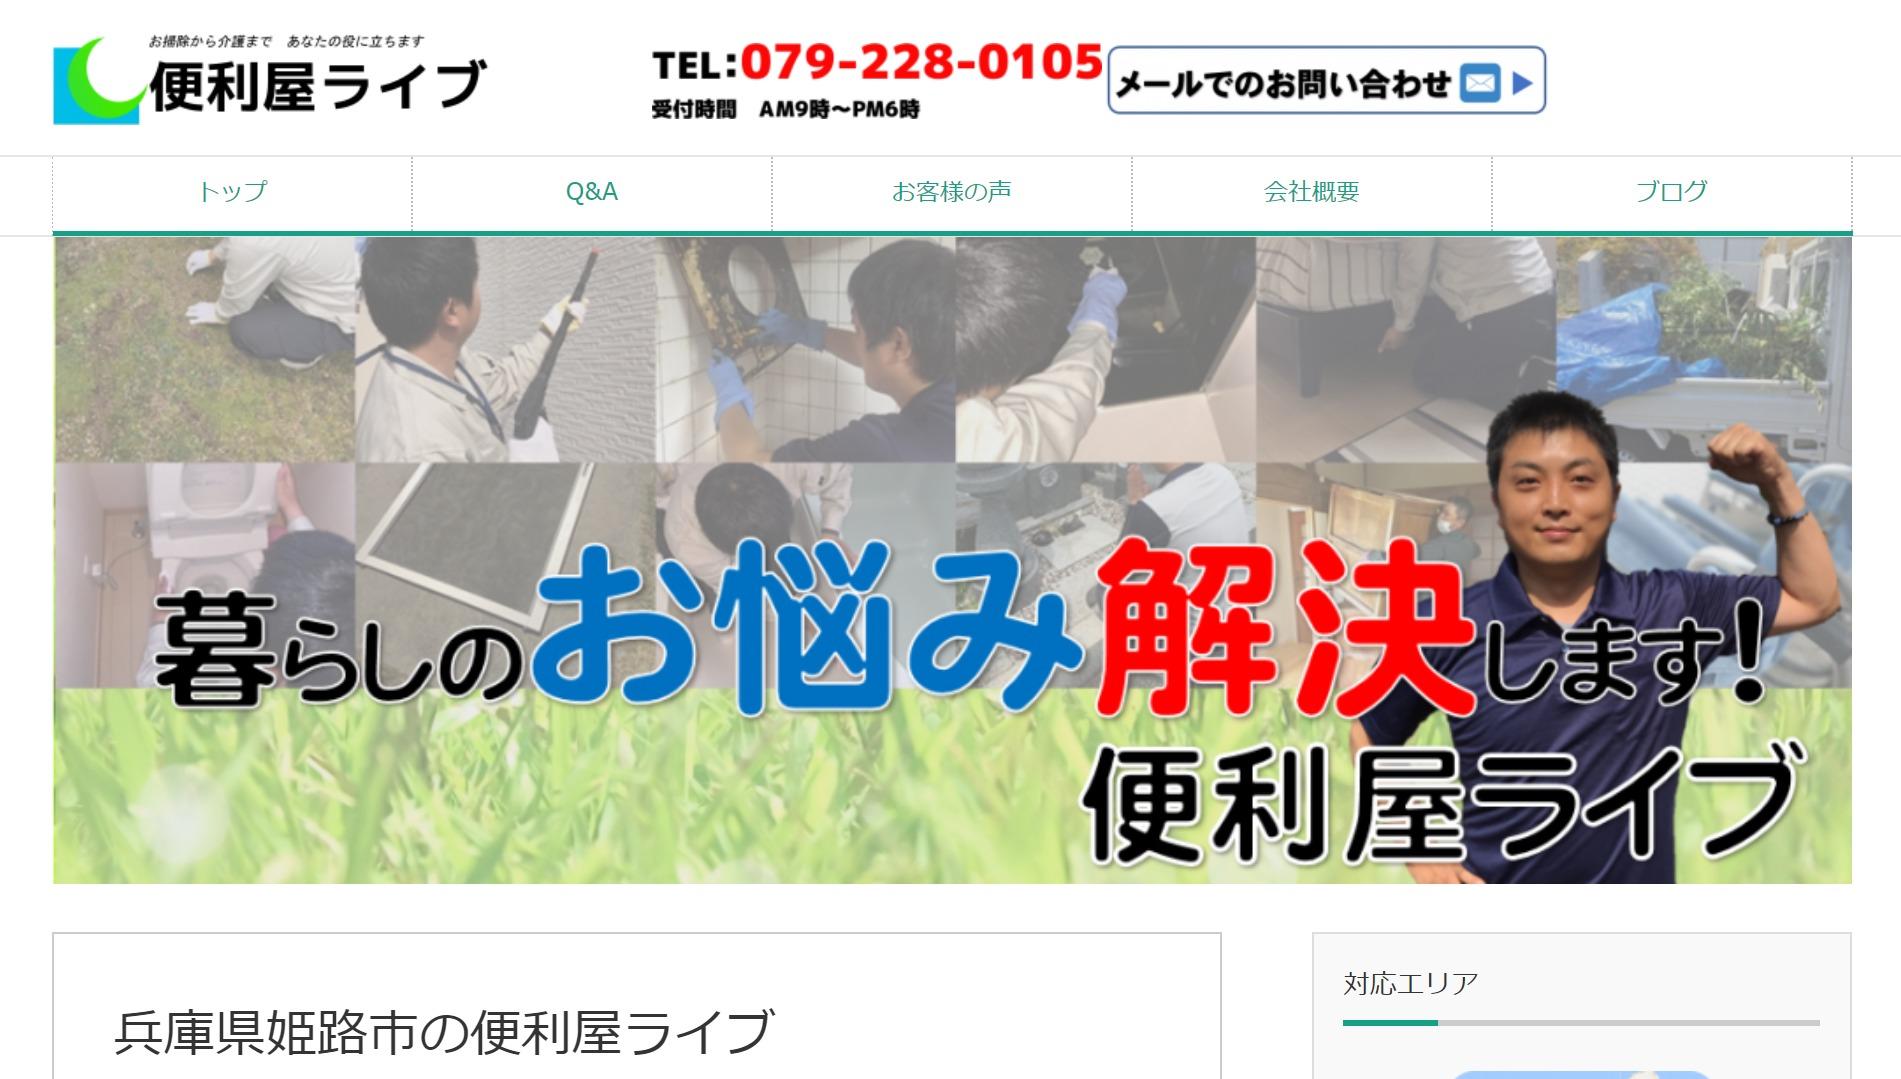 便利屋ライブ(兵庫県姫路市西庄)